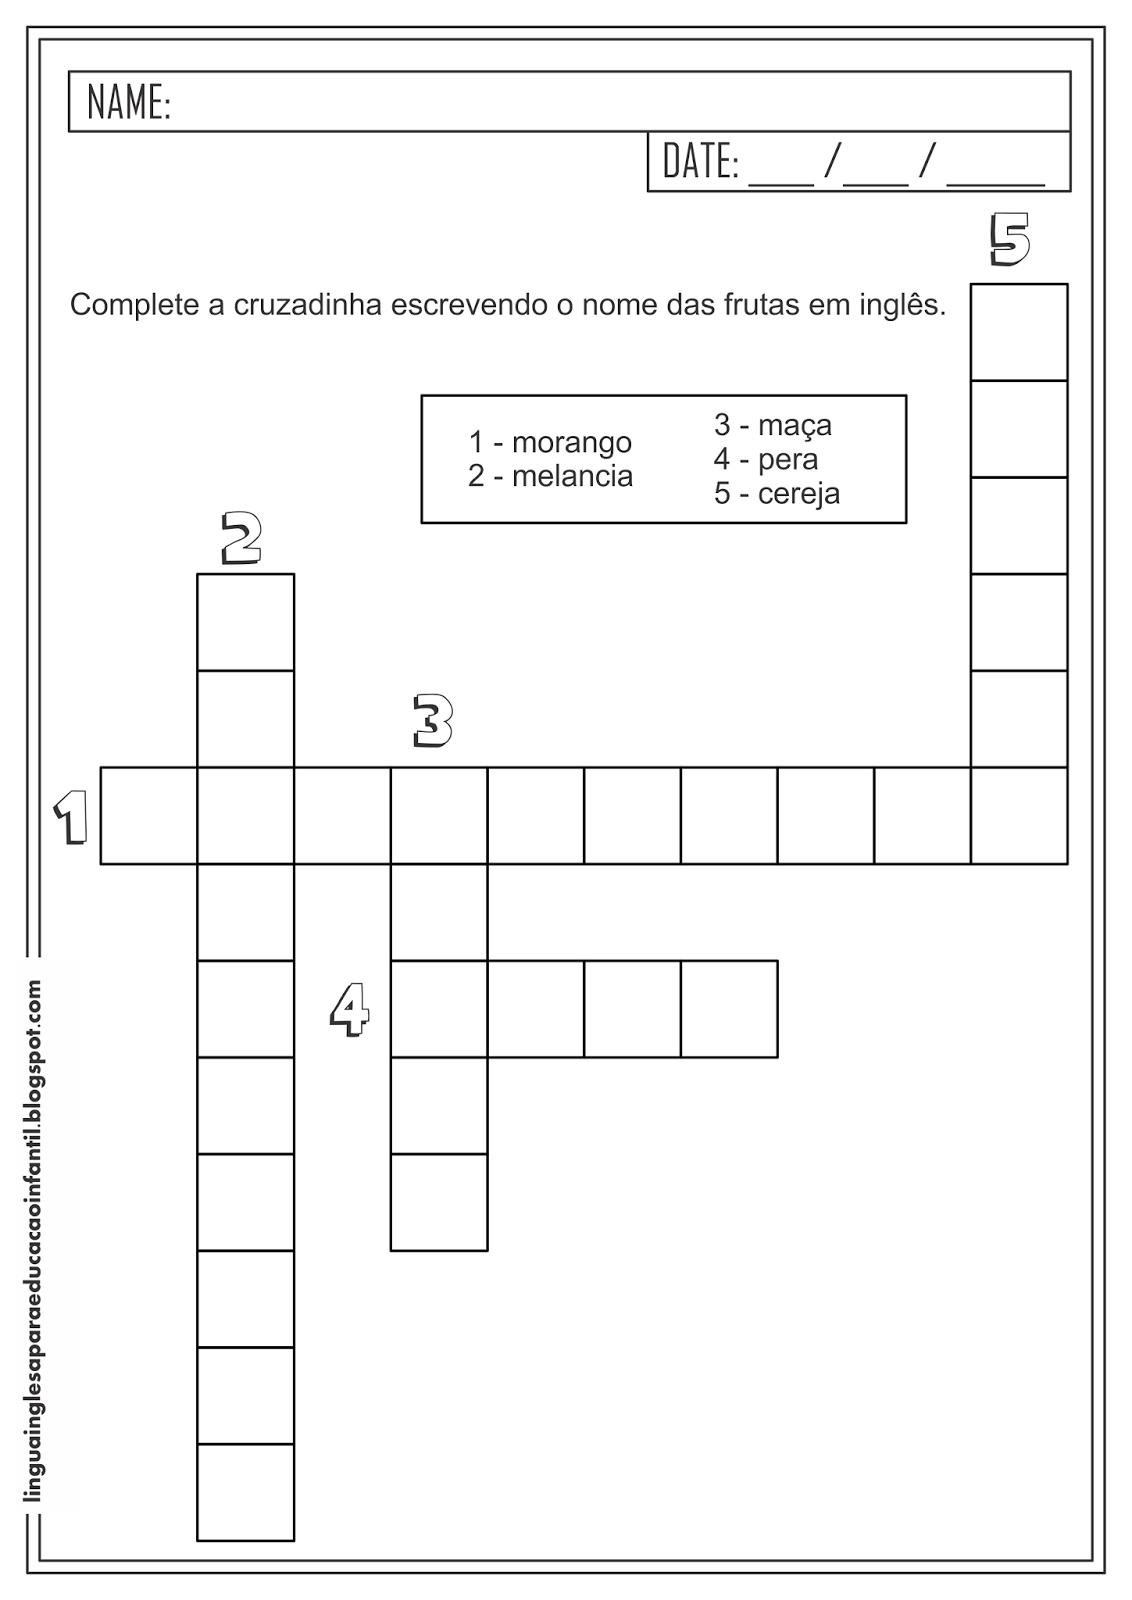 Cruzadinha de frutas - Atividade de Inglês para educação infantil